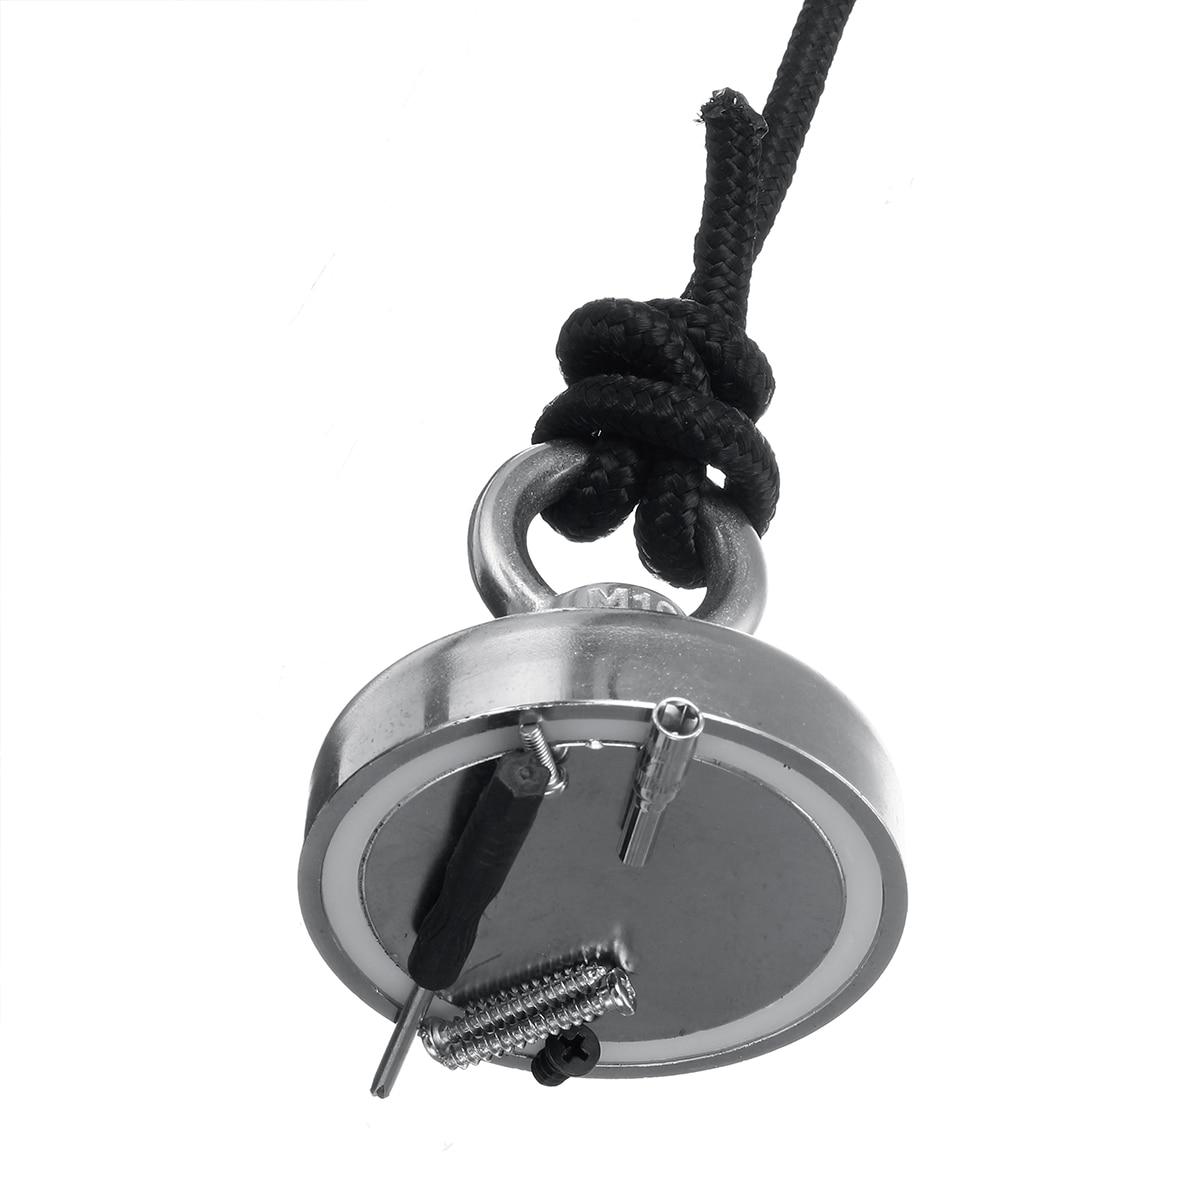 1 шт. NdFeB магнит диск Диаметр 85x35 мм 3,35 Большой диаметрально намагниченные супер сильные неодимовые постоянные редкоземельные магниты - 3